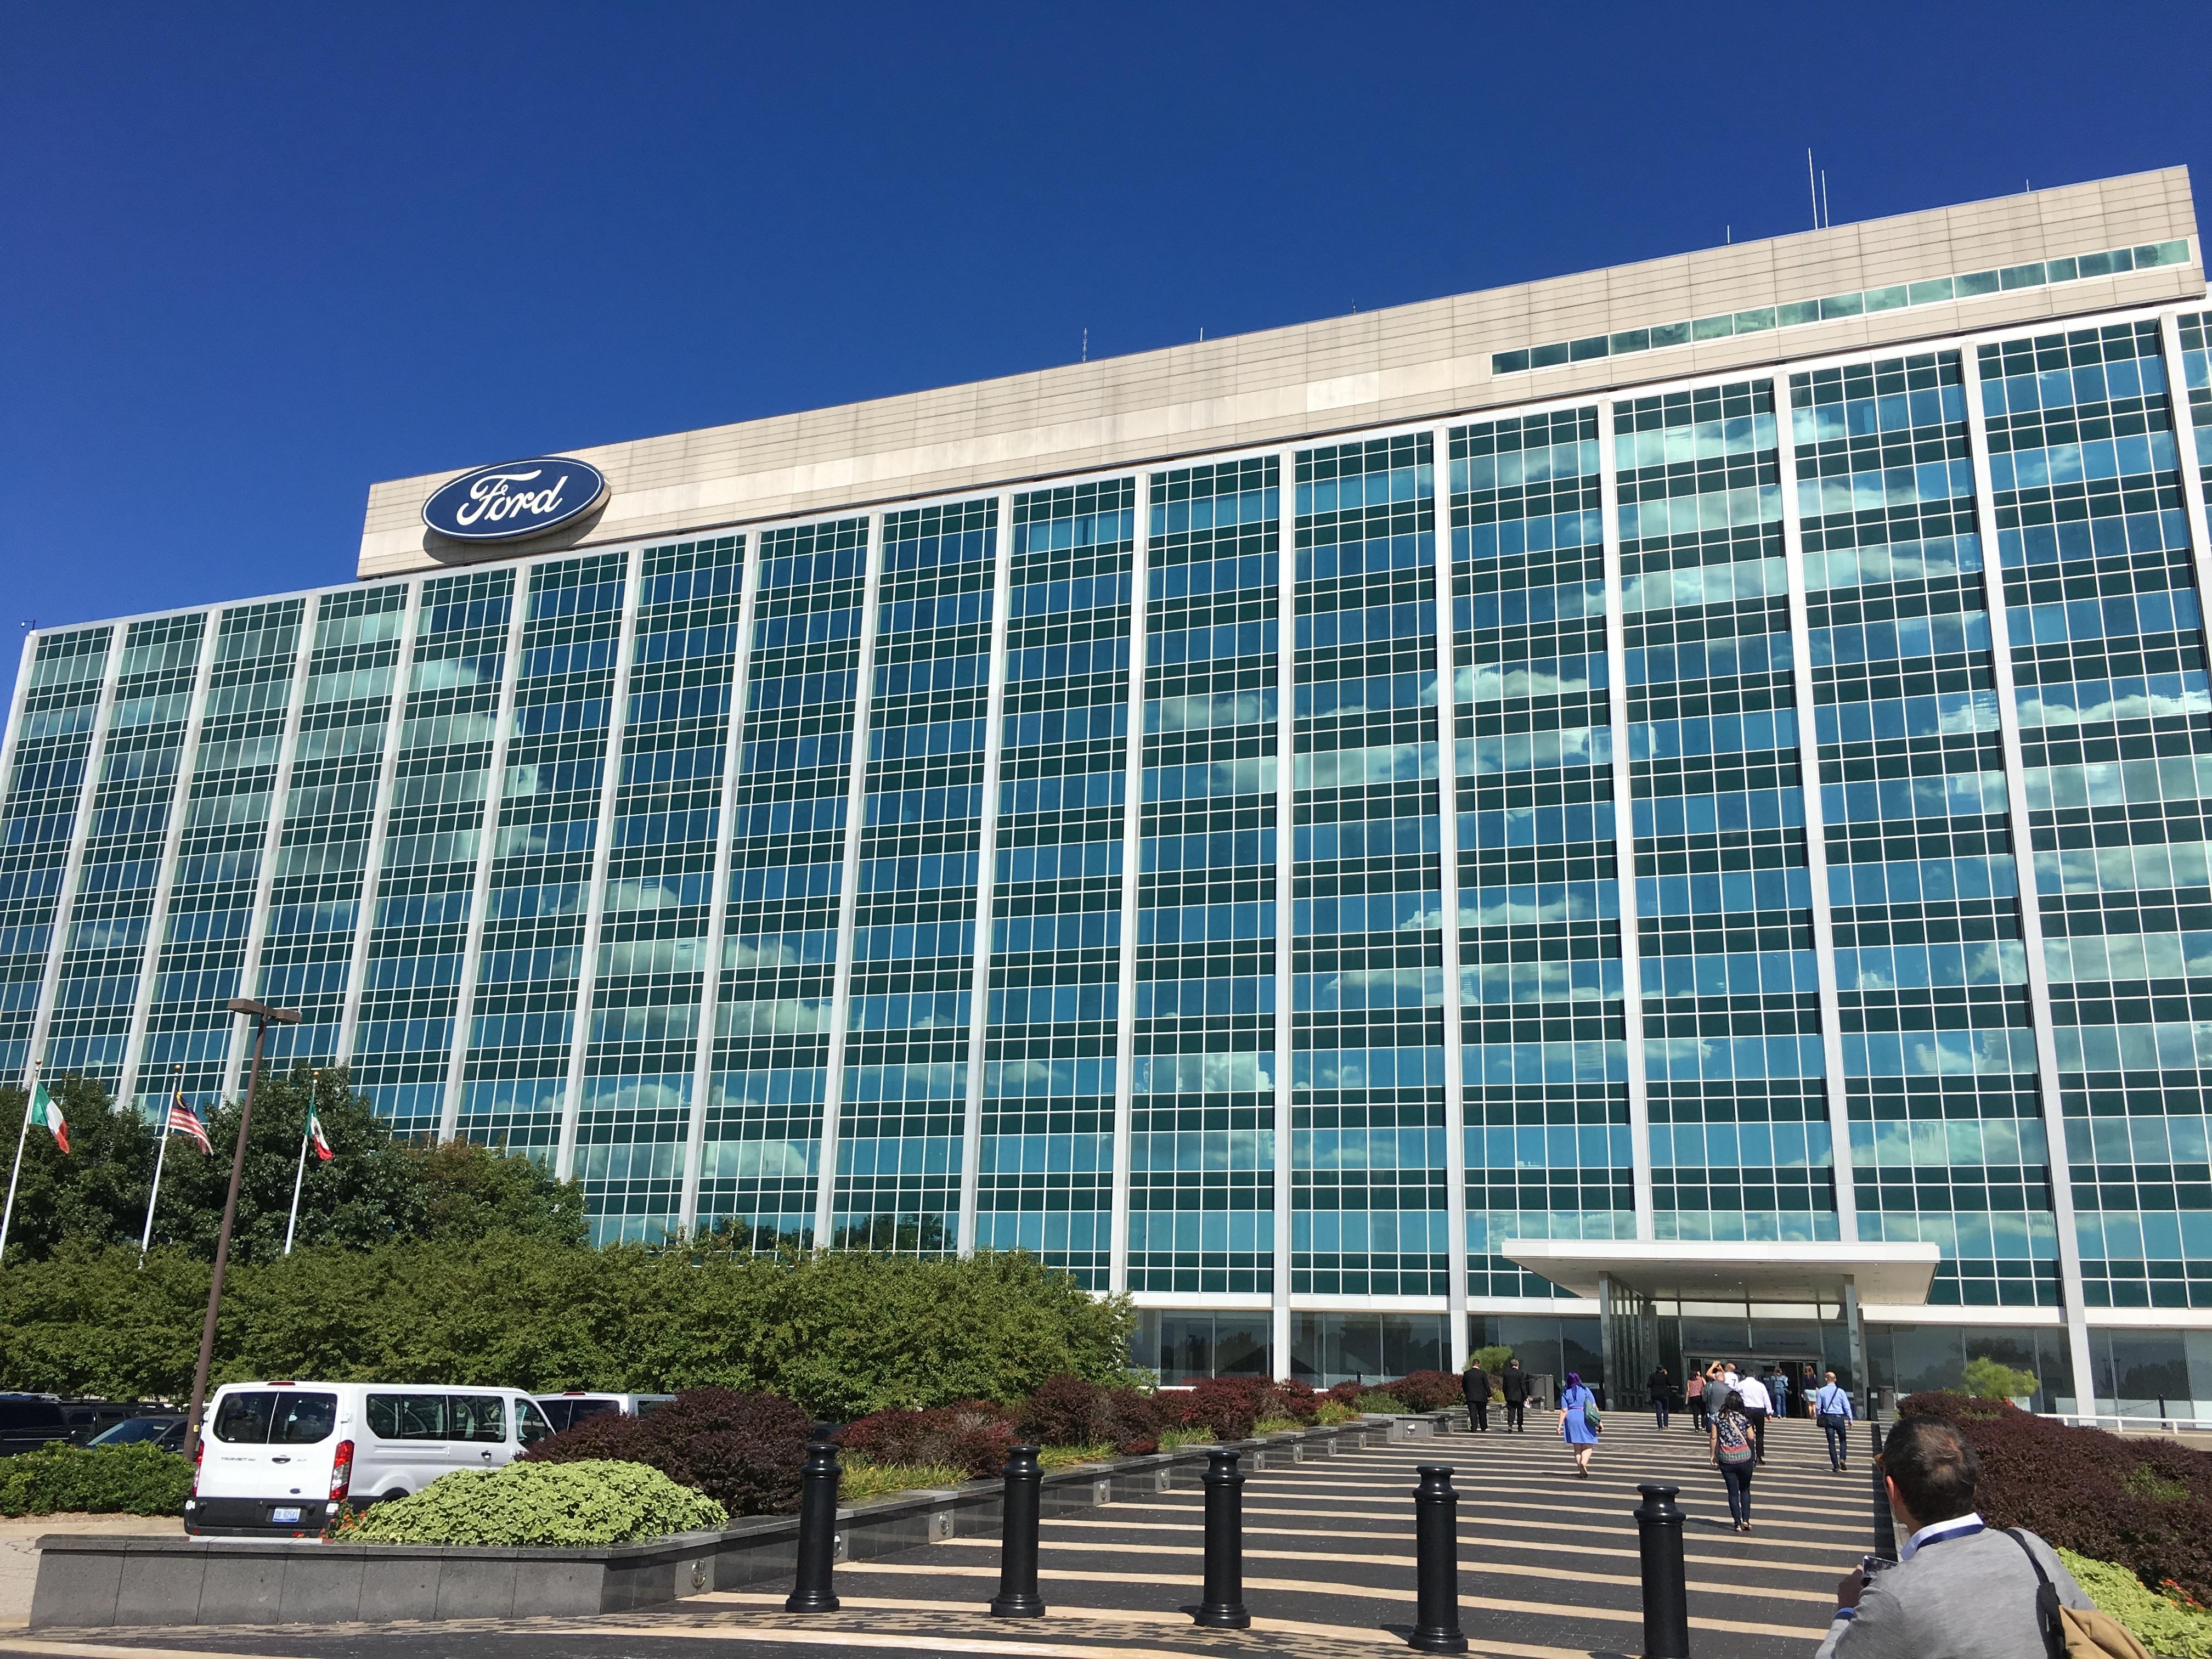 Ford headquarters in Dearborn, Michigan